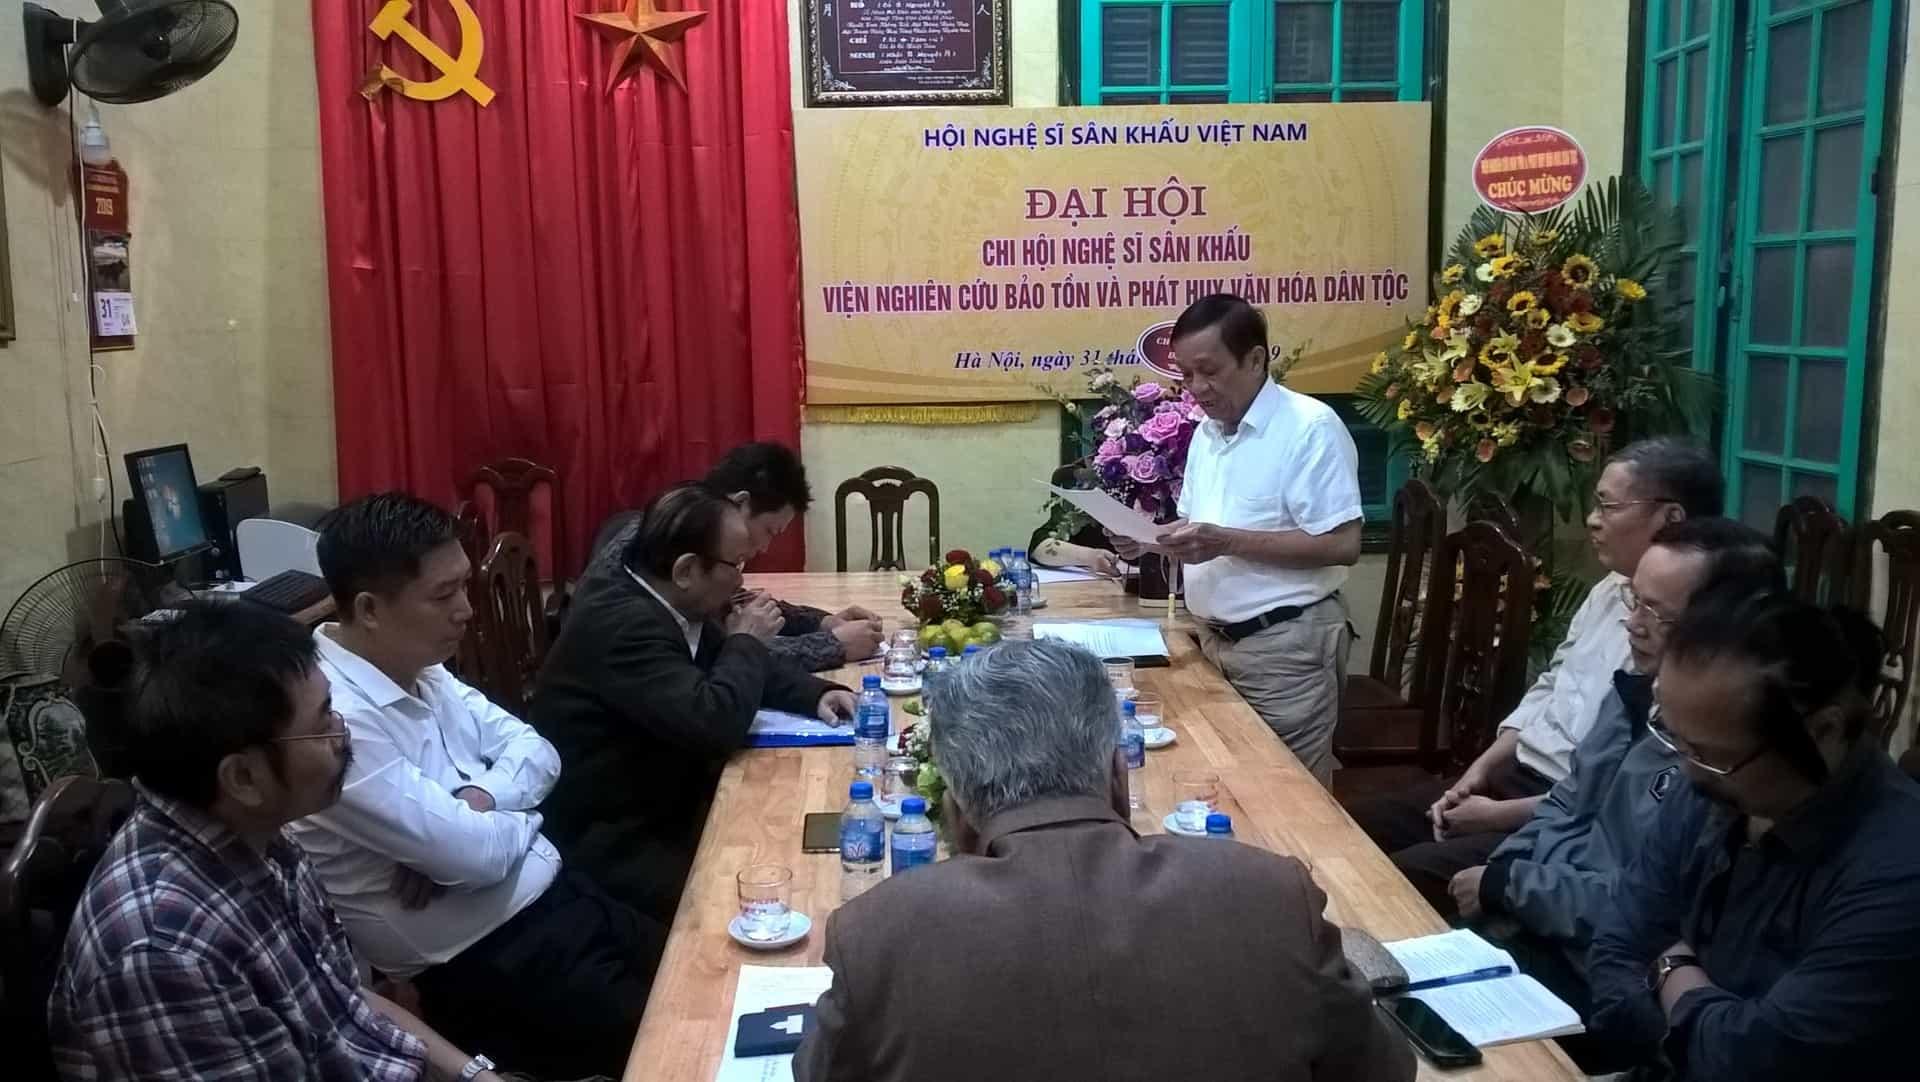 Quang canh Đại hội Chi hội nghệ sĩ sân khấu Viện nghiên cứu bảo tồn phát huy văn hoá dân tộc.